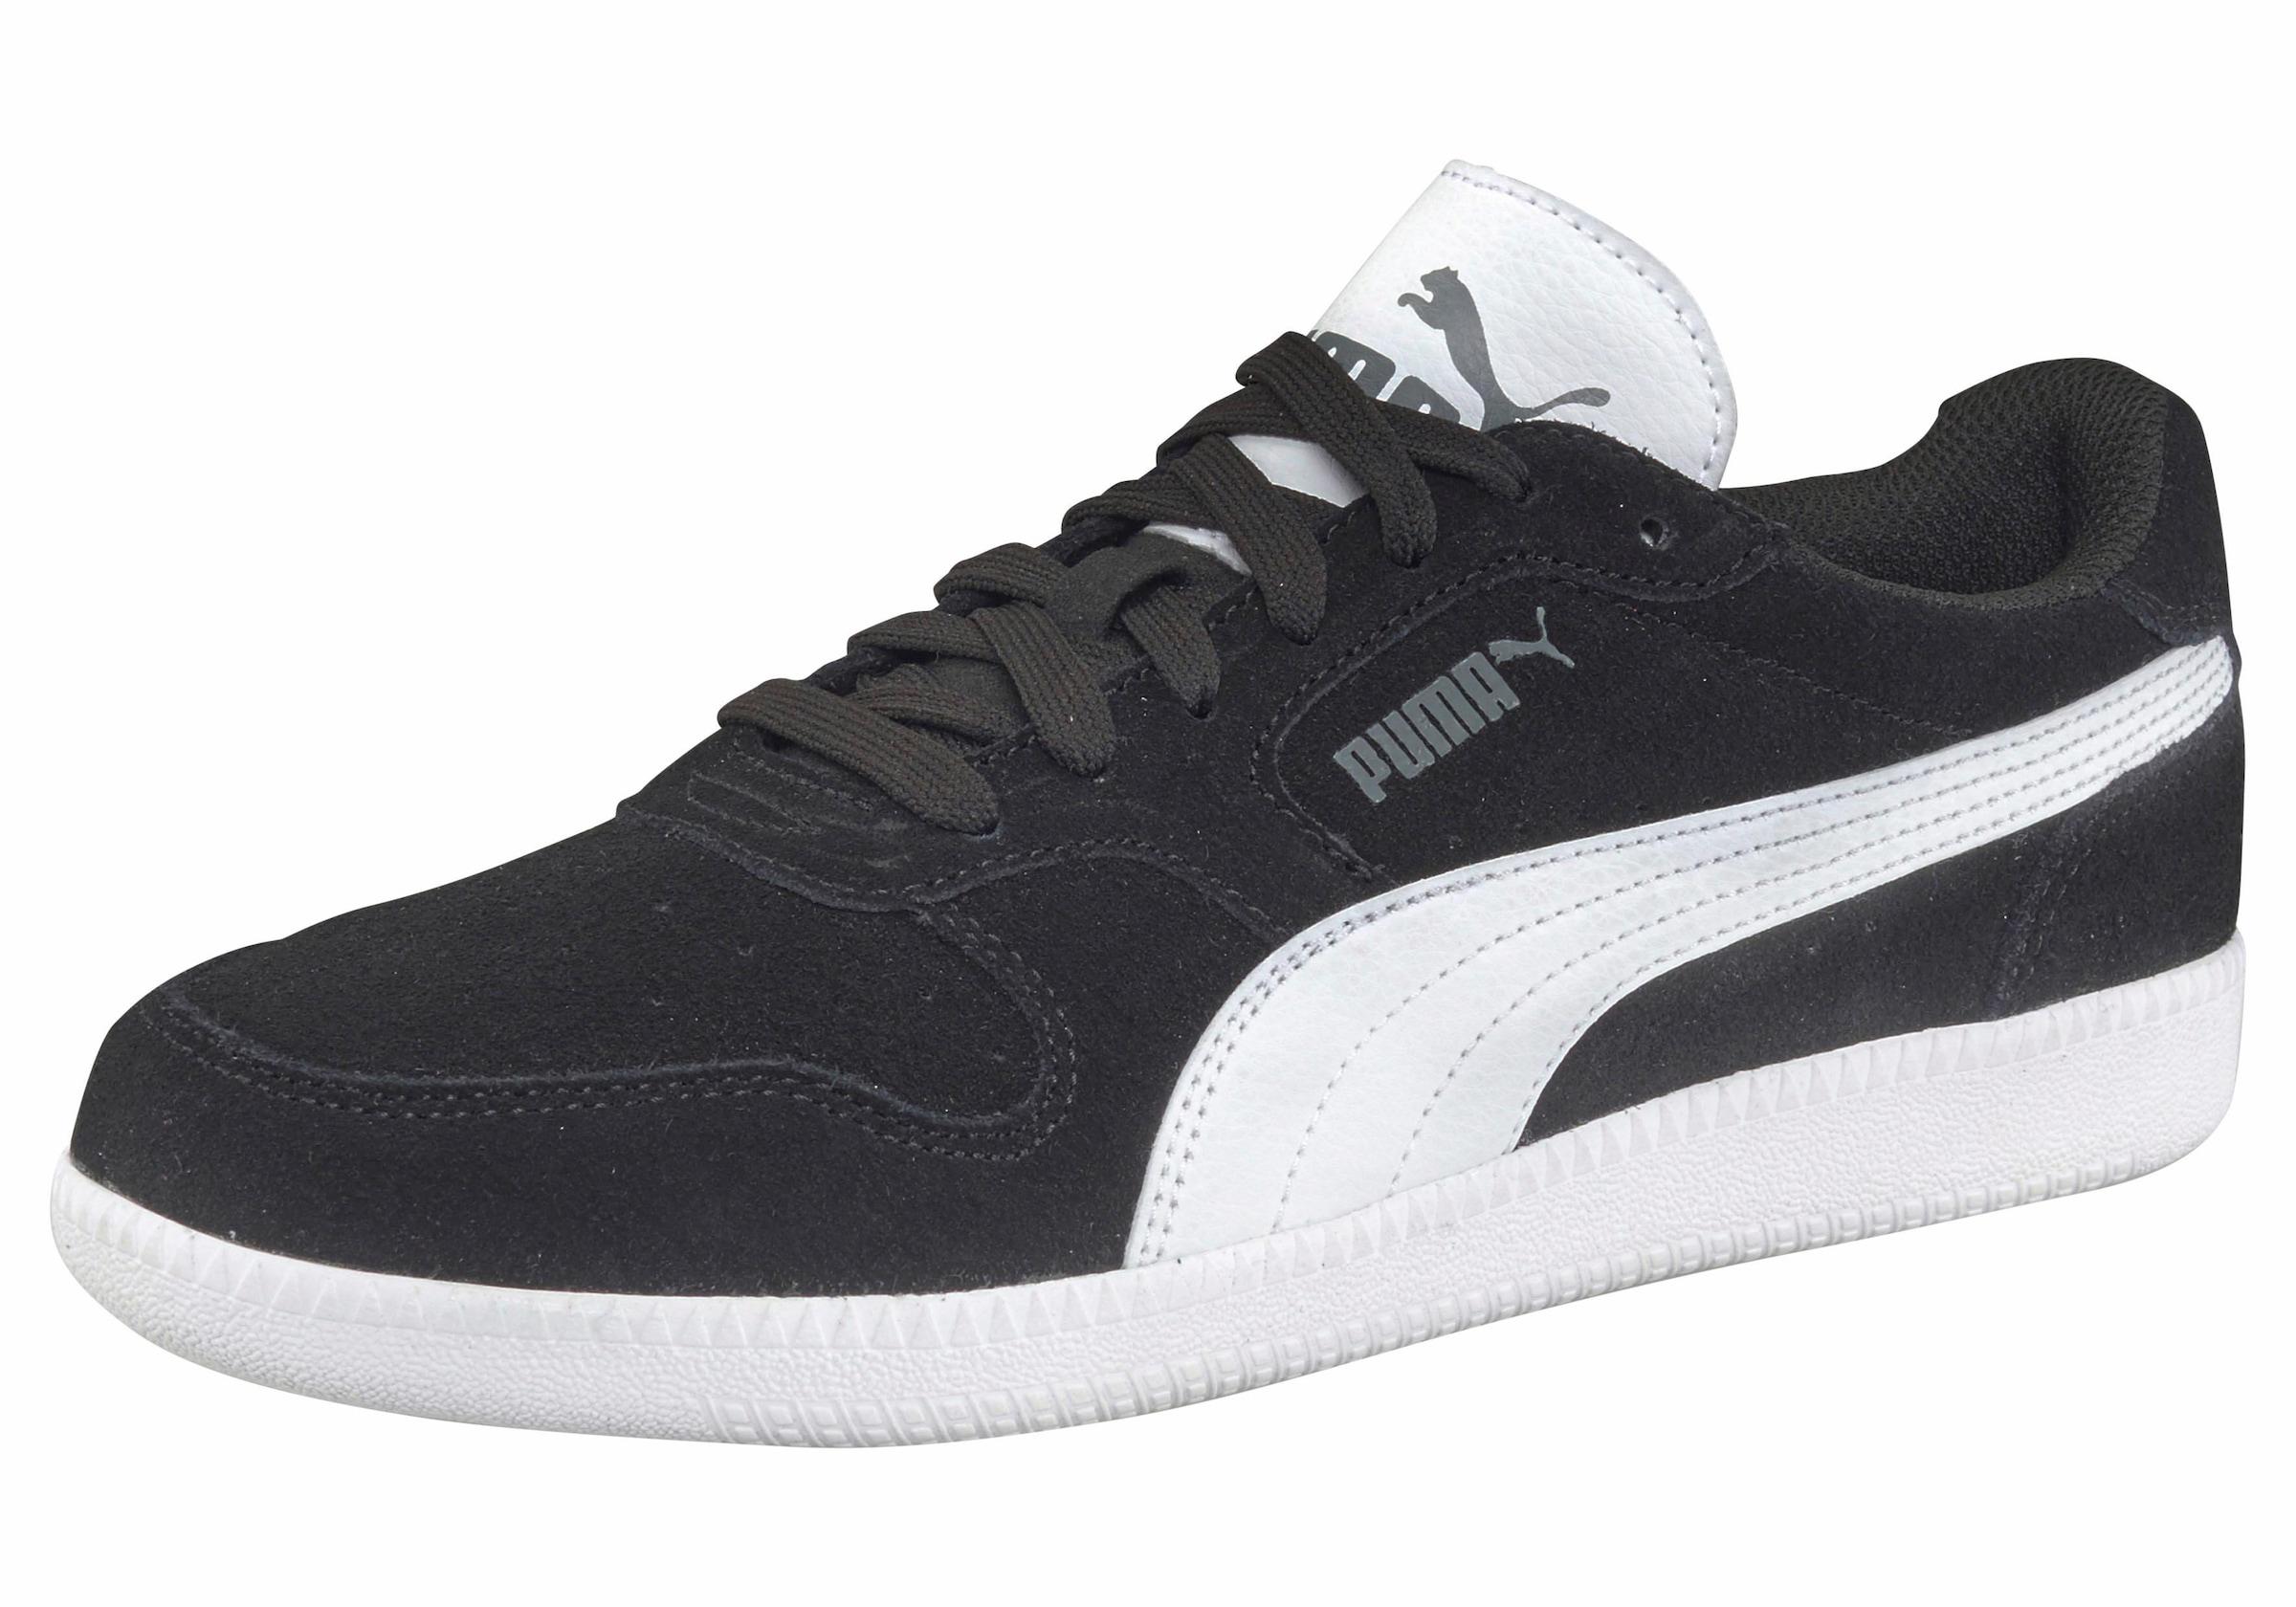 PUMB Sneaker  Männer ;Icra Trainer SD für Männer  | Gutes Preis-Leistungs-Verhältnis, es lohnt sich,Boutique1840 a6808b